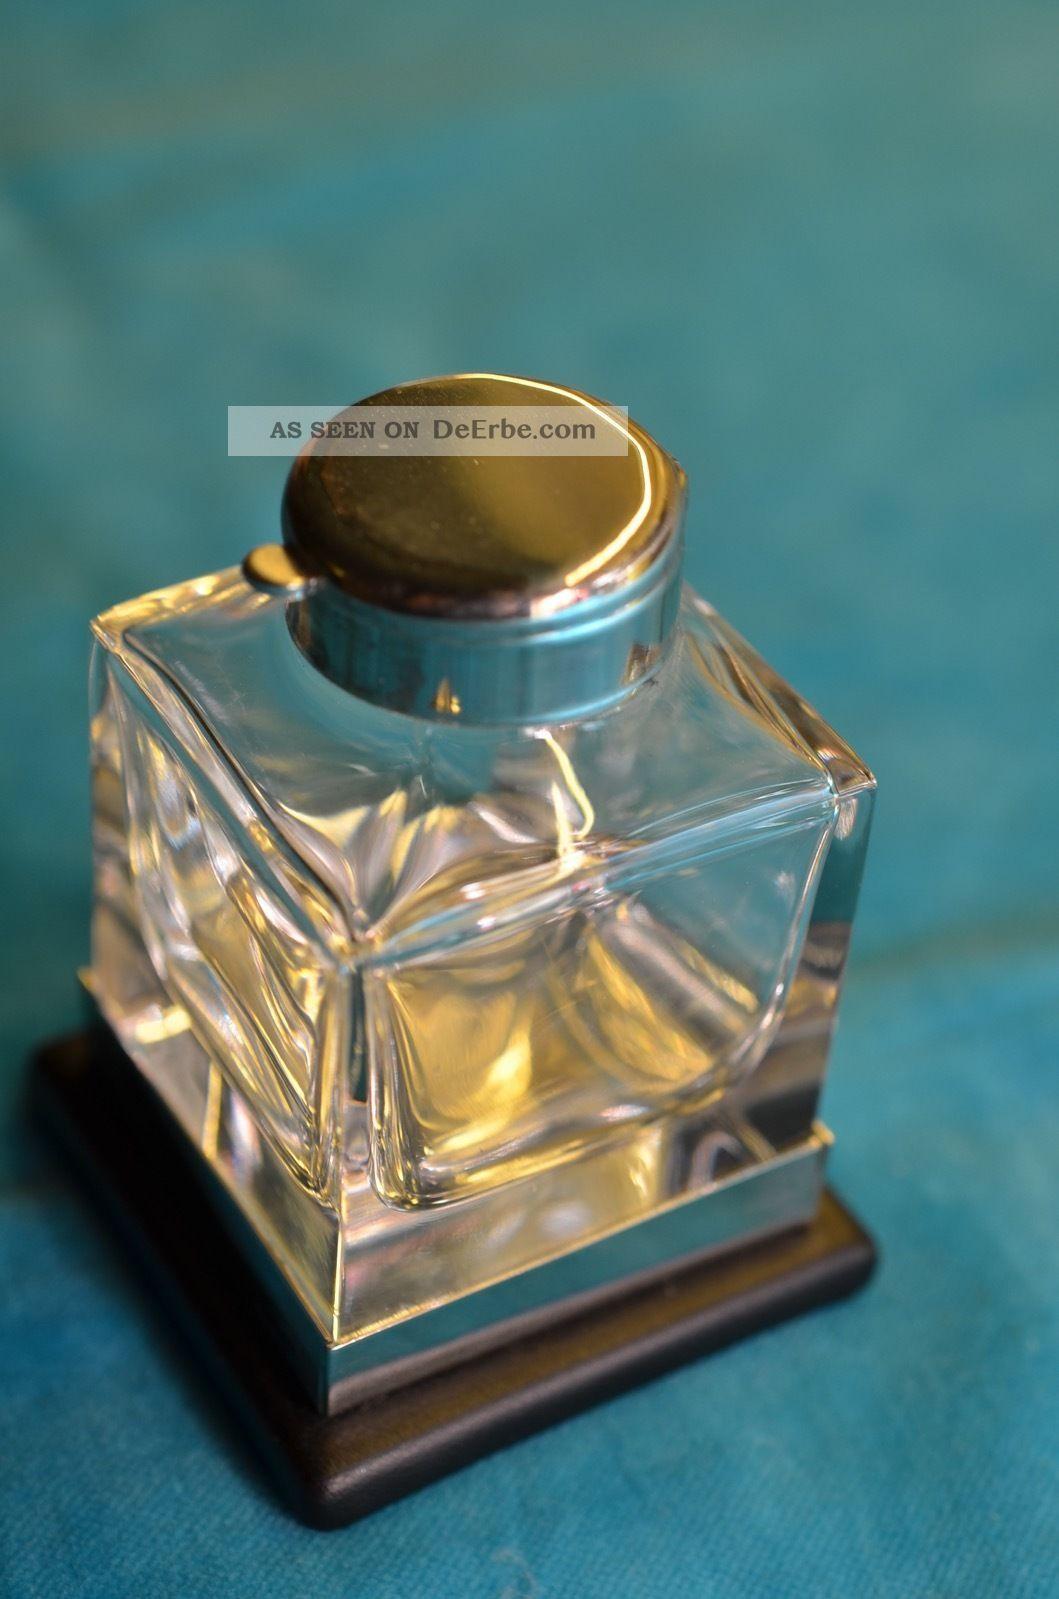 Altes Schönes Glas - Tintenfass Sammlerstück Glas & Kristall Bild